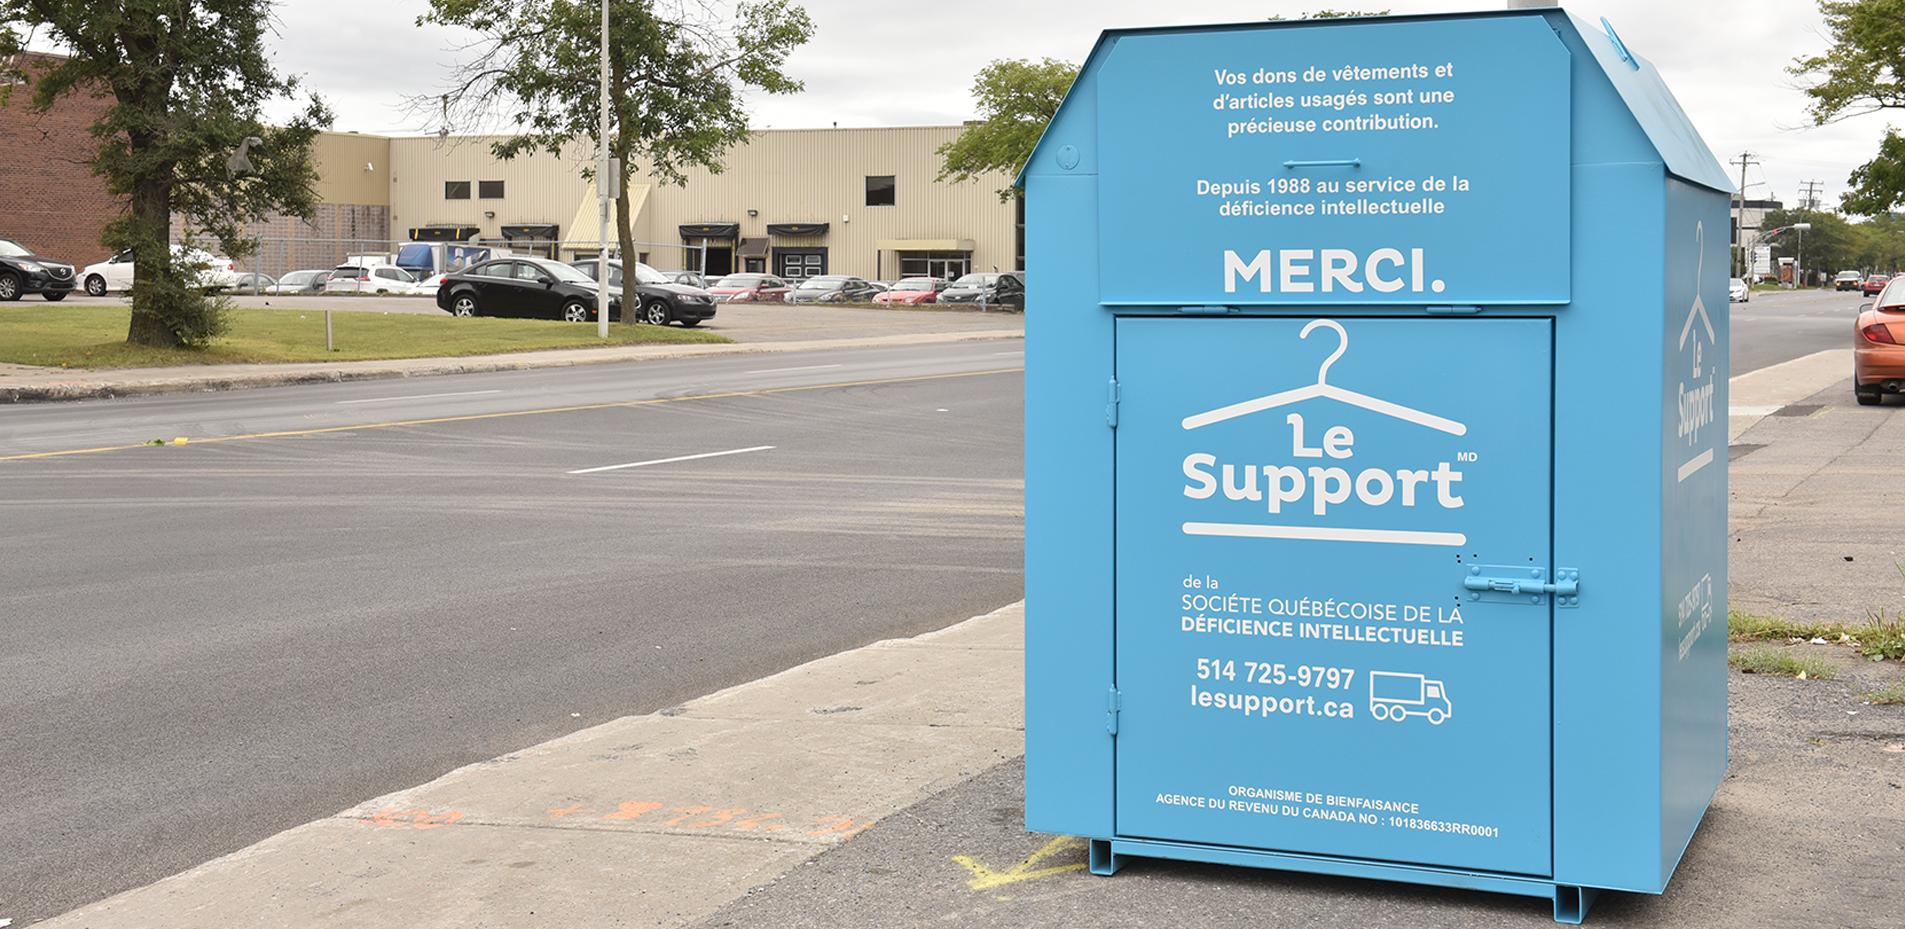 Find A Donation Bin Le Support Collecte De Vetements Et D Objets